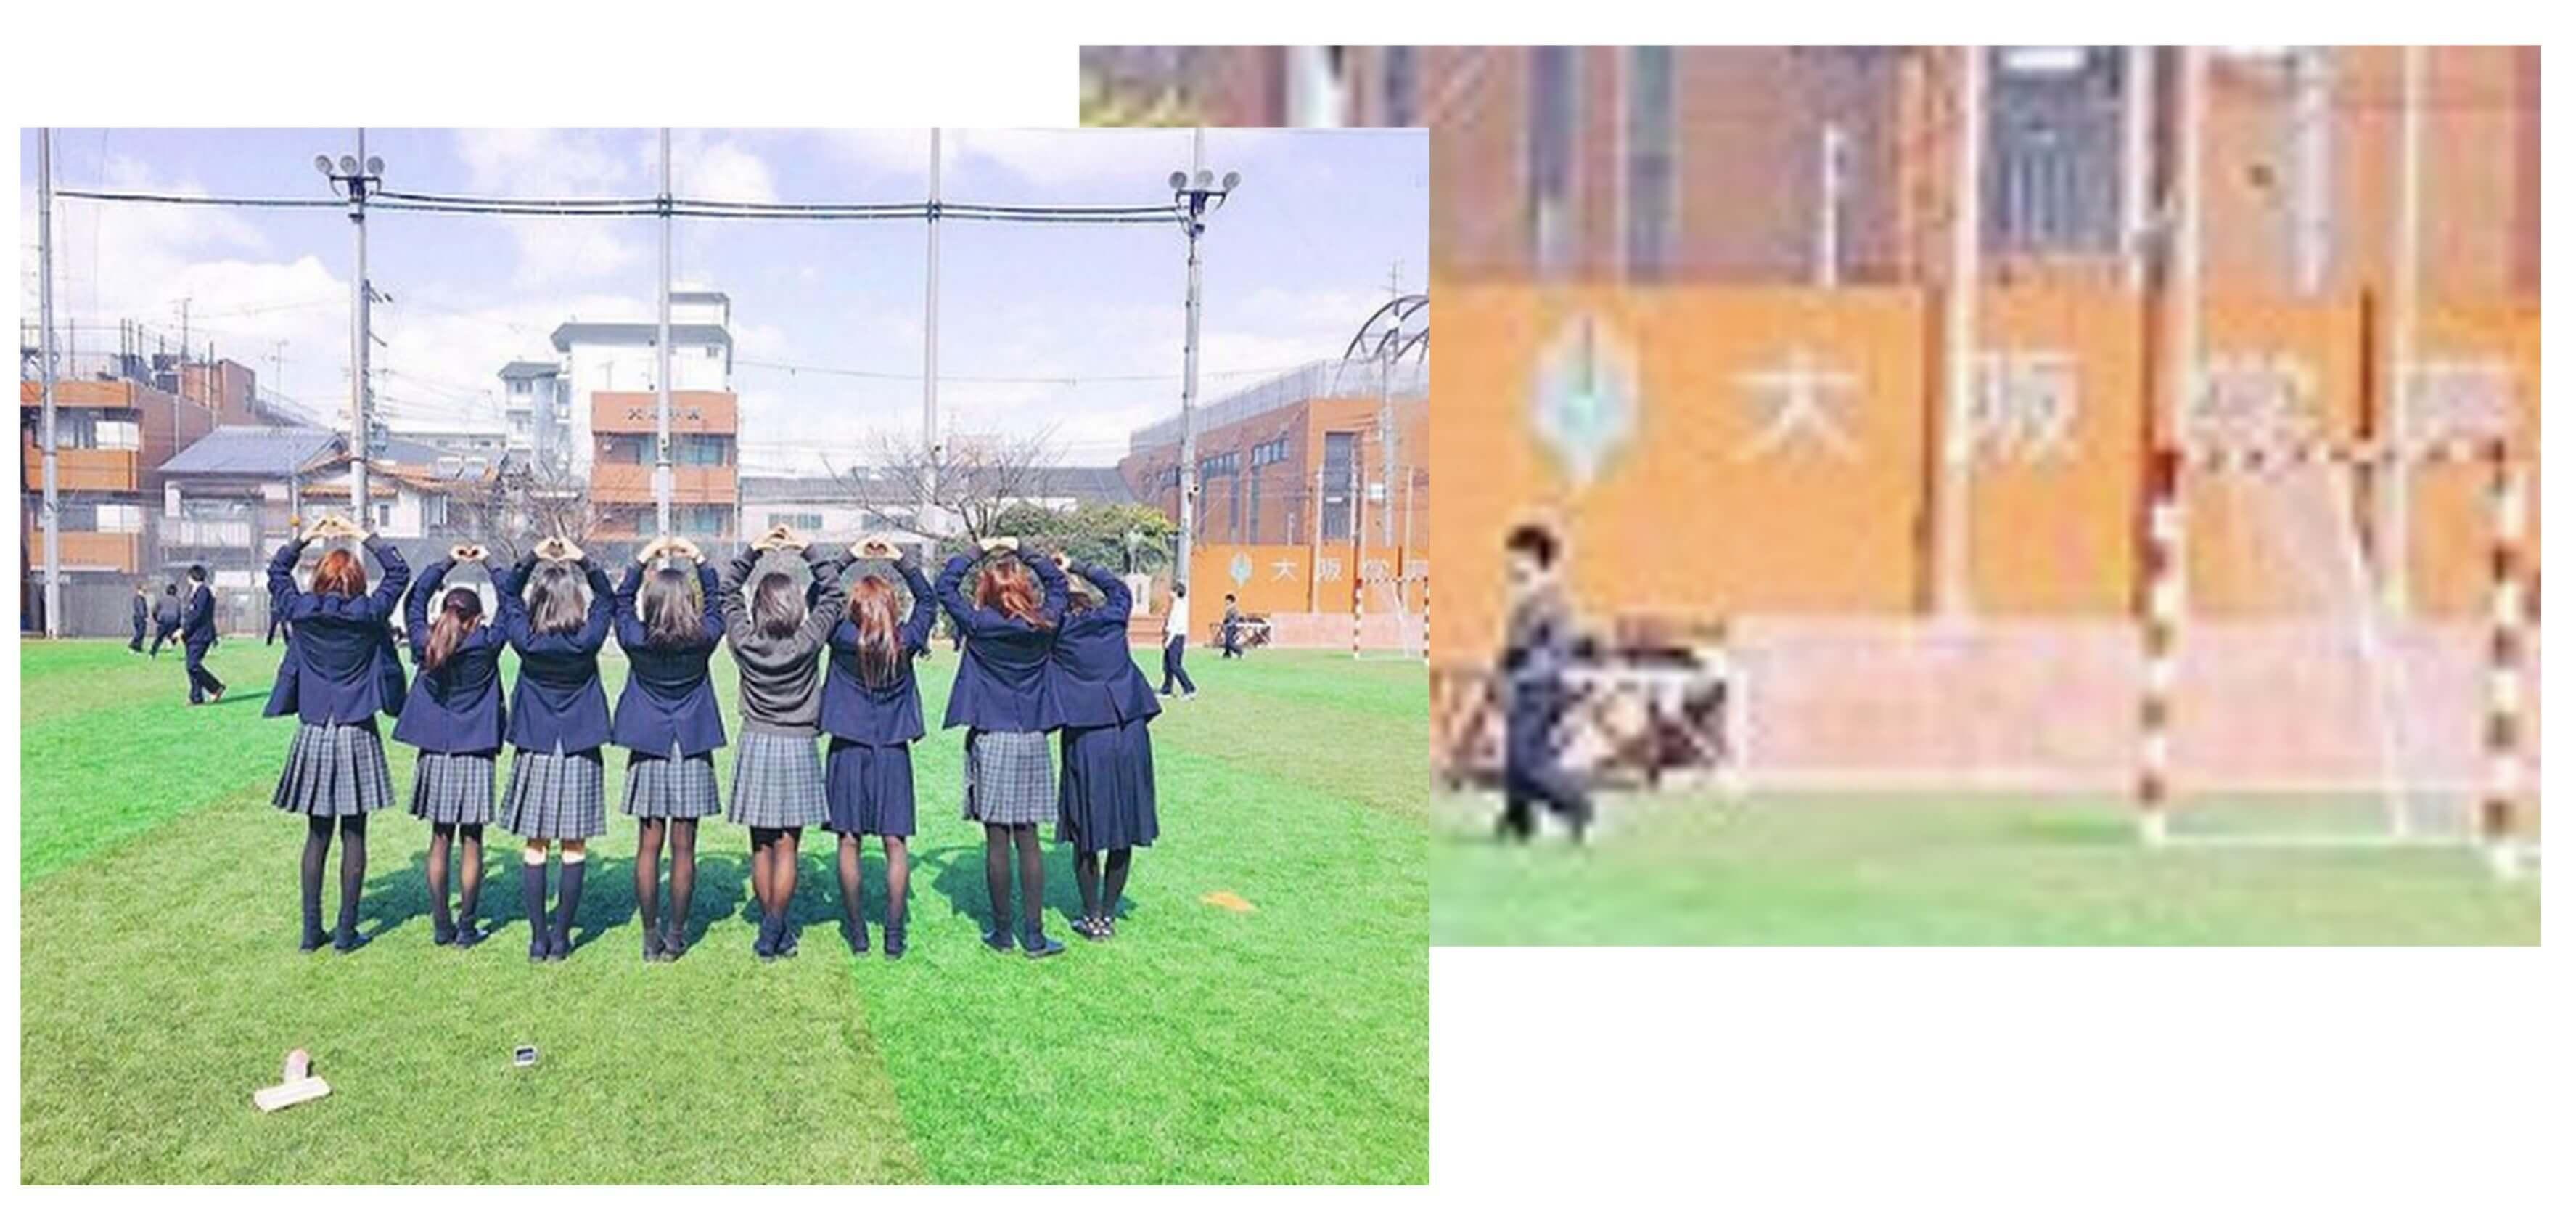 浦西ひかるの中学校・高校はどこ?